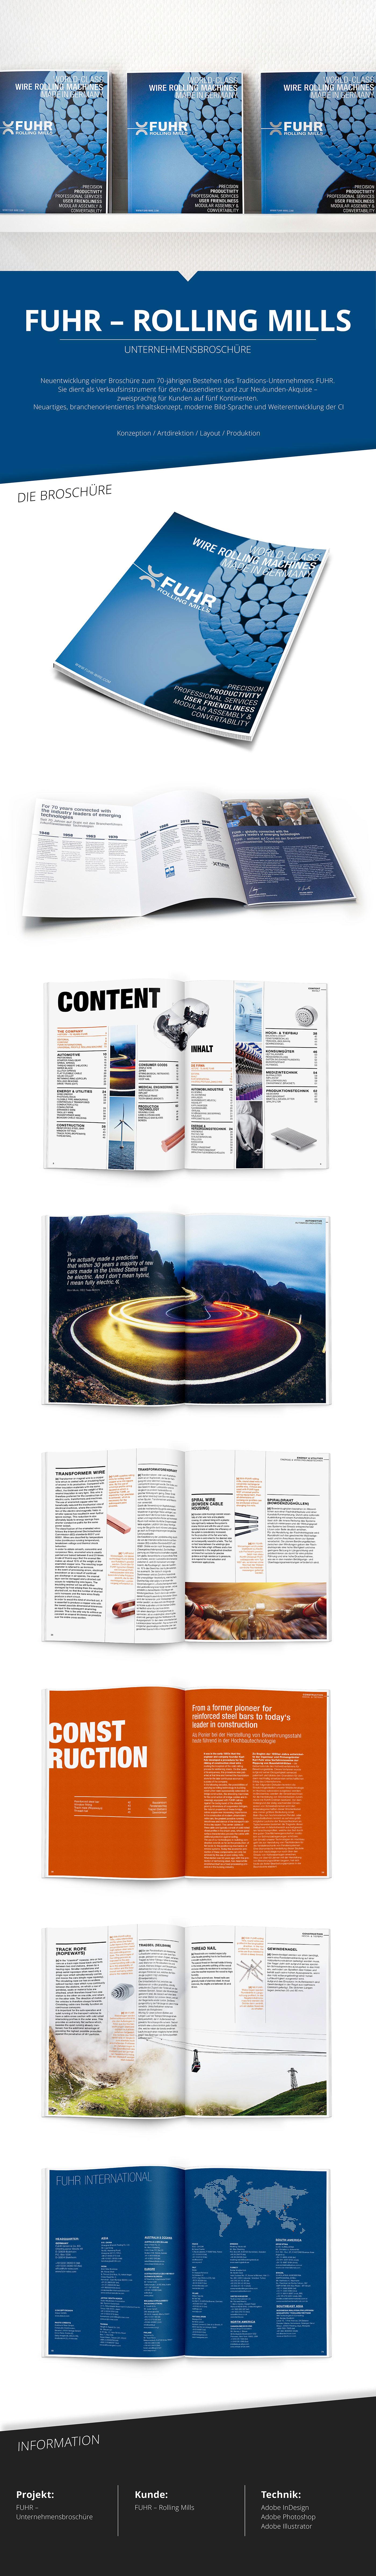 2issue Fuhr Rolling Mills design Unternehmensbroschüre Imagebroschüre Veredelung